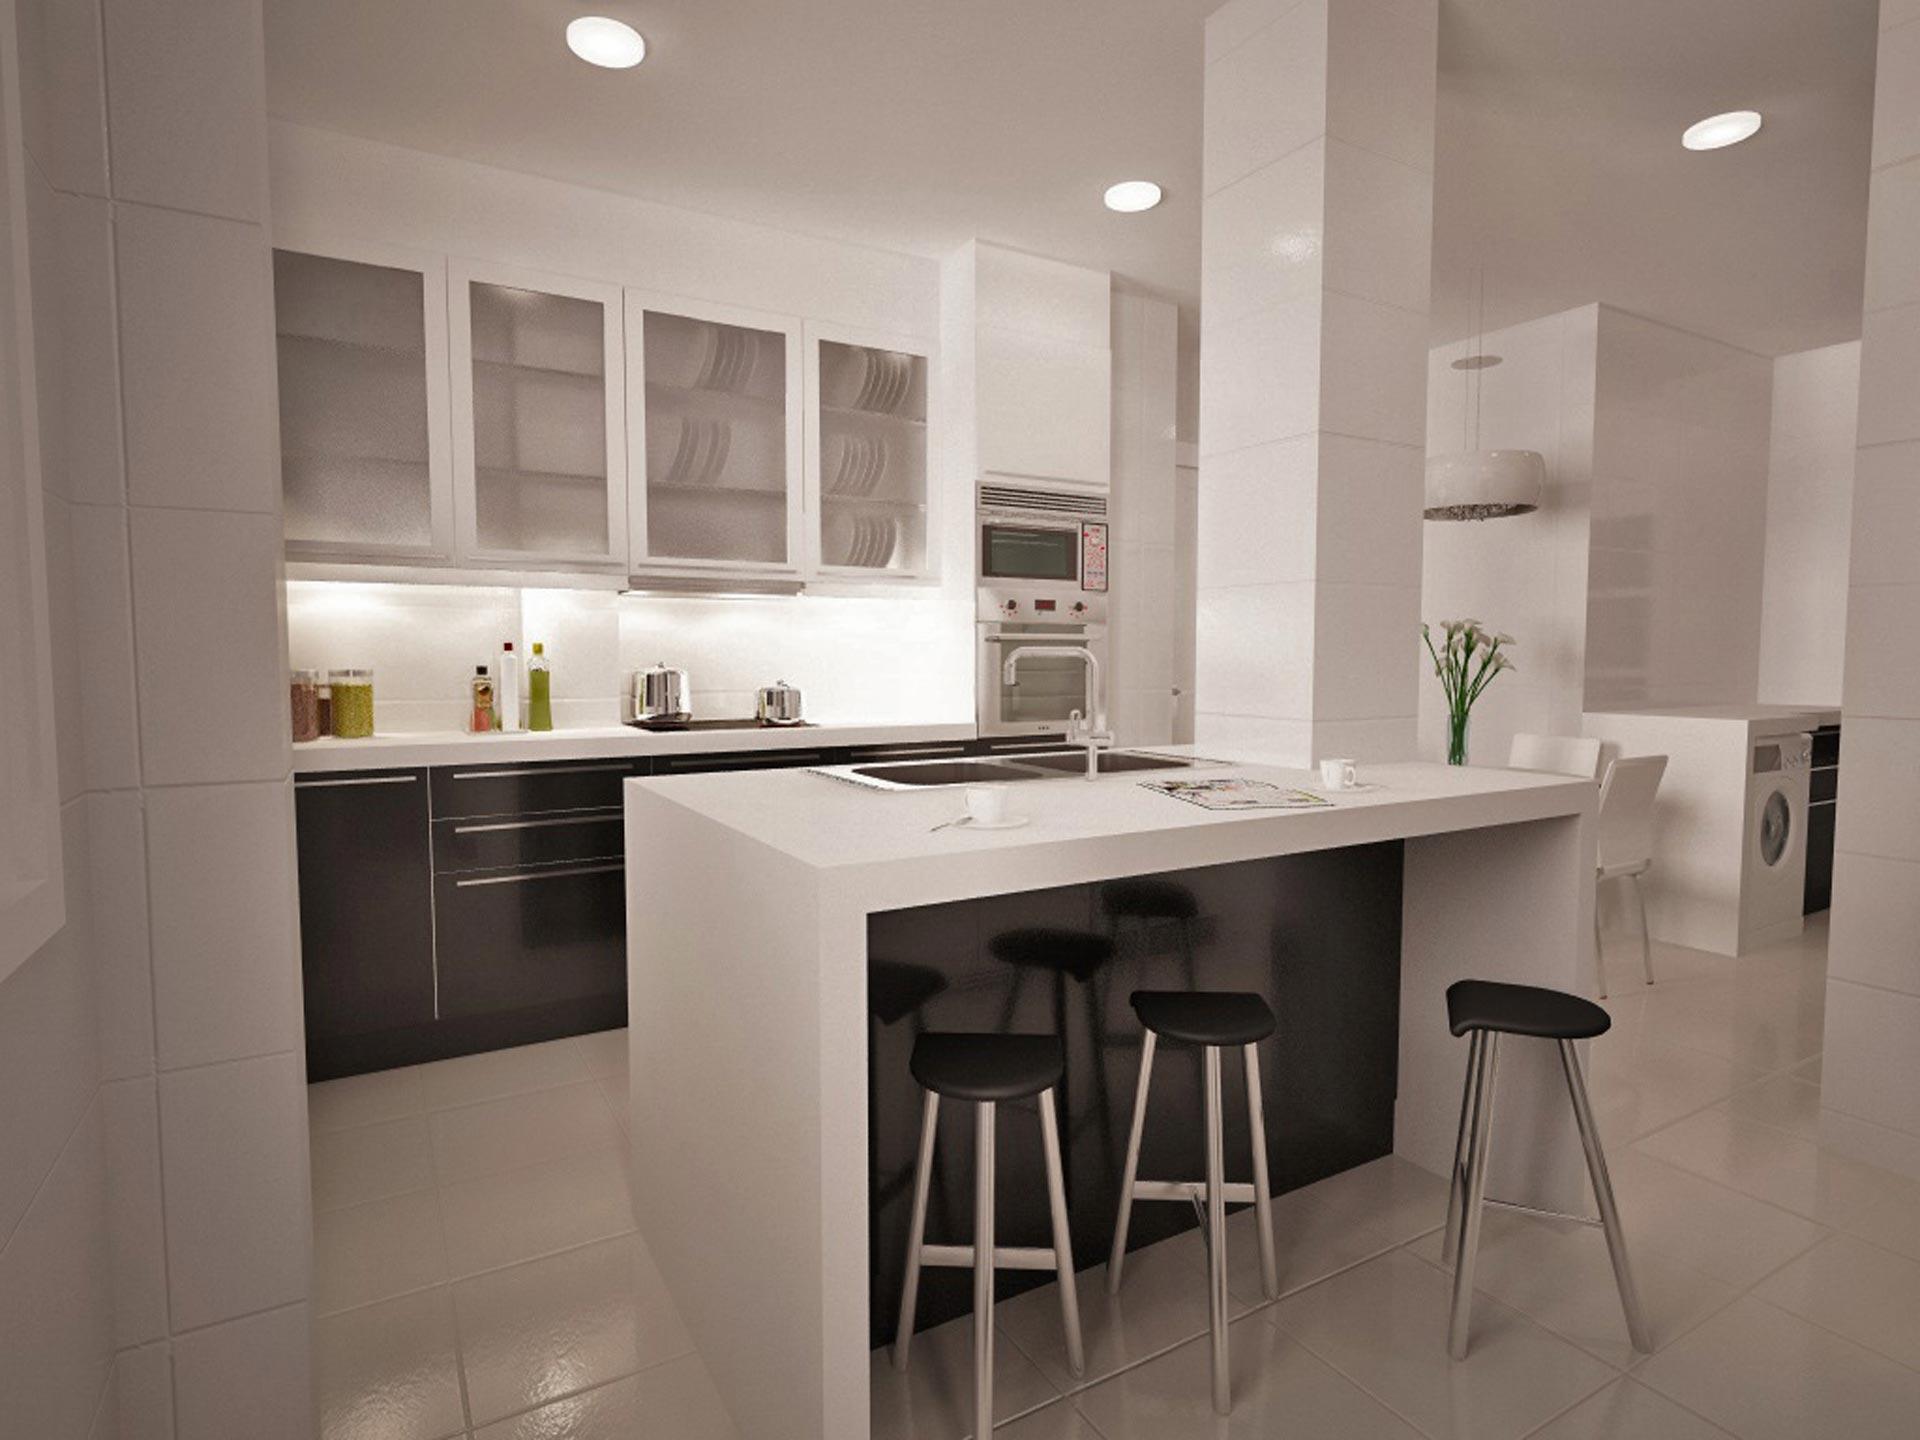 Ventajas de tener una isla en la cocina for Construir isla cocina